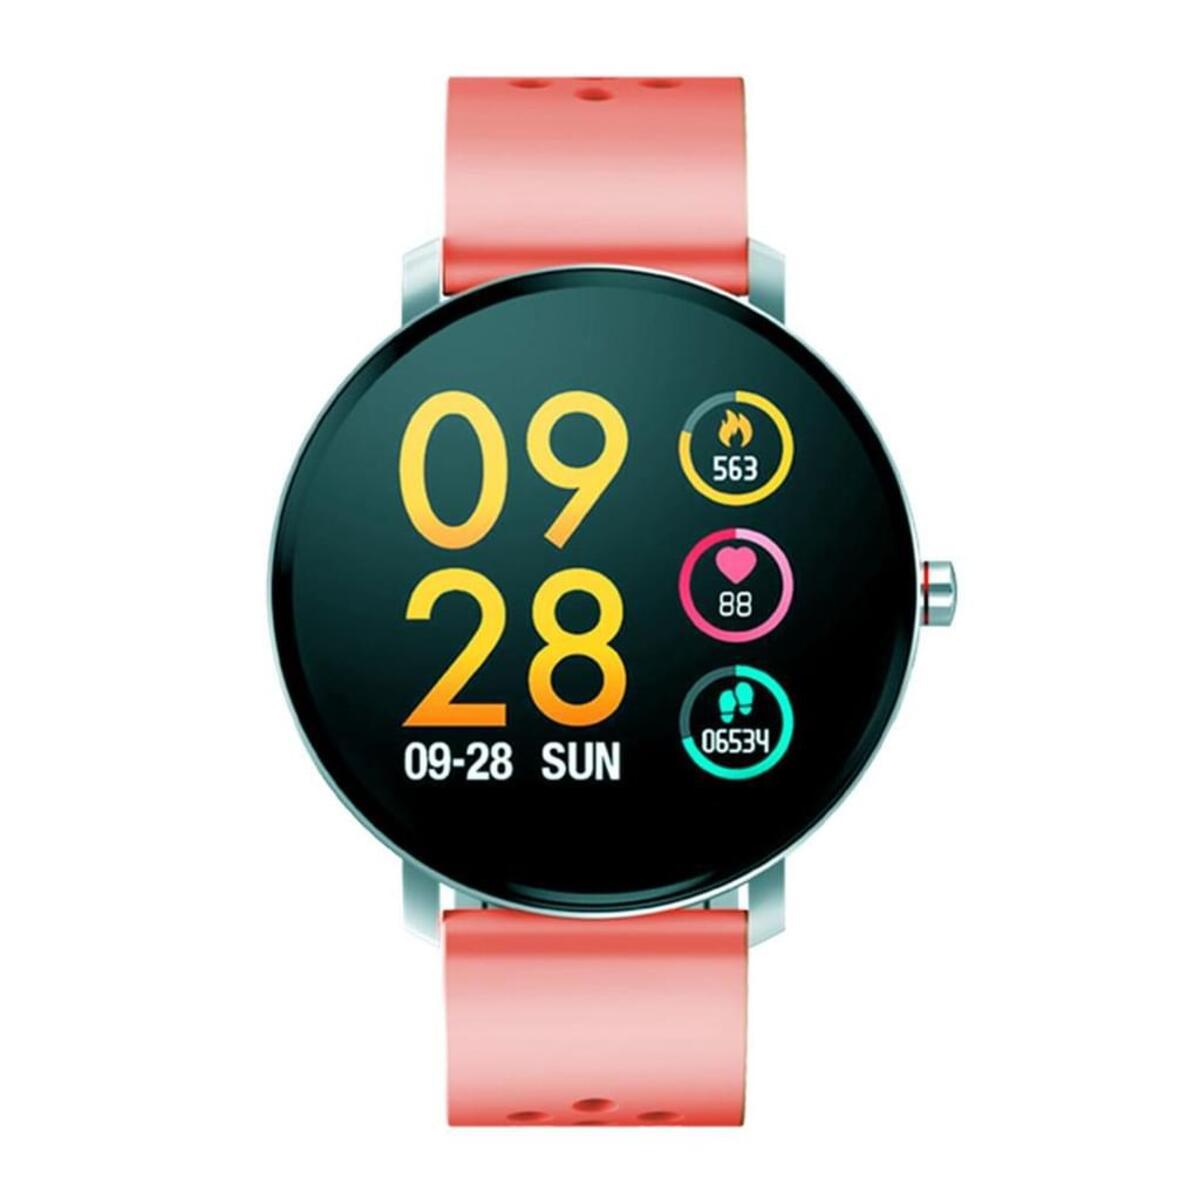 Bild 2 von Denver Smartwatch SW-171, Bluetooth, Touchscreen, Farbe: Rose